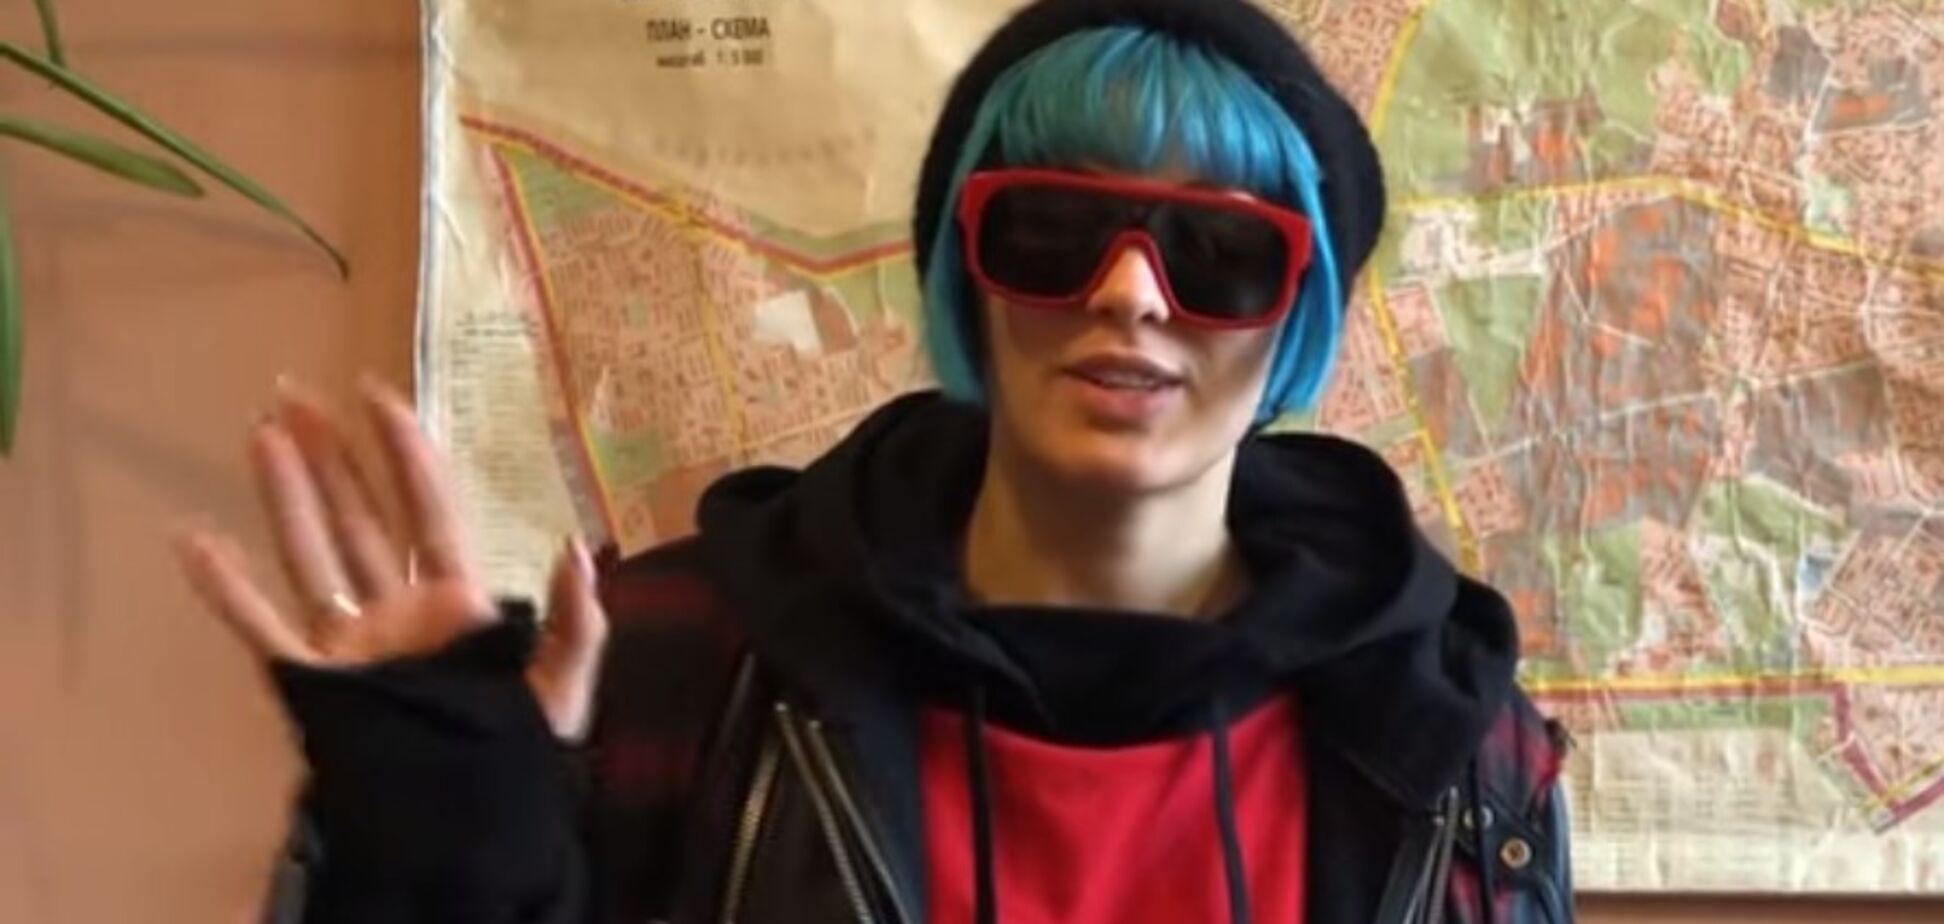 Дело с ограблением MARUV: довольная певица сделала видеообращение из полиции